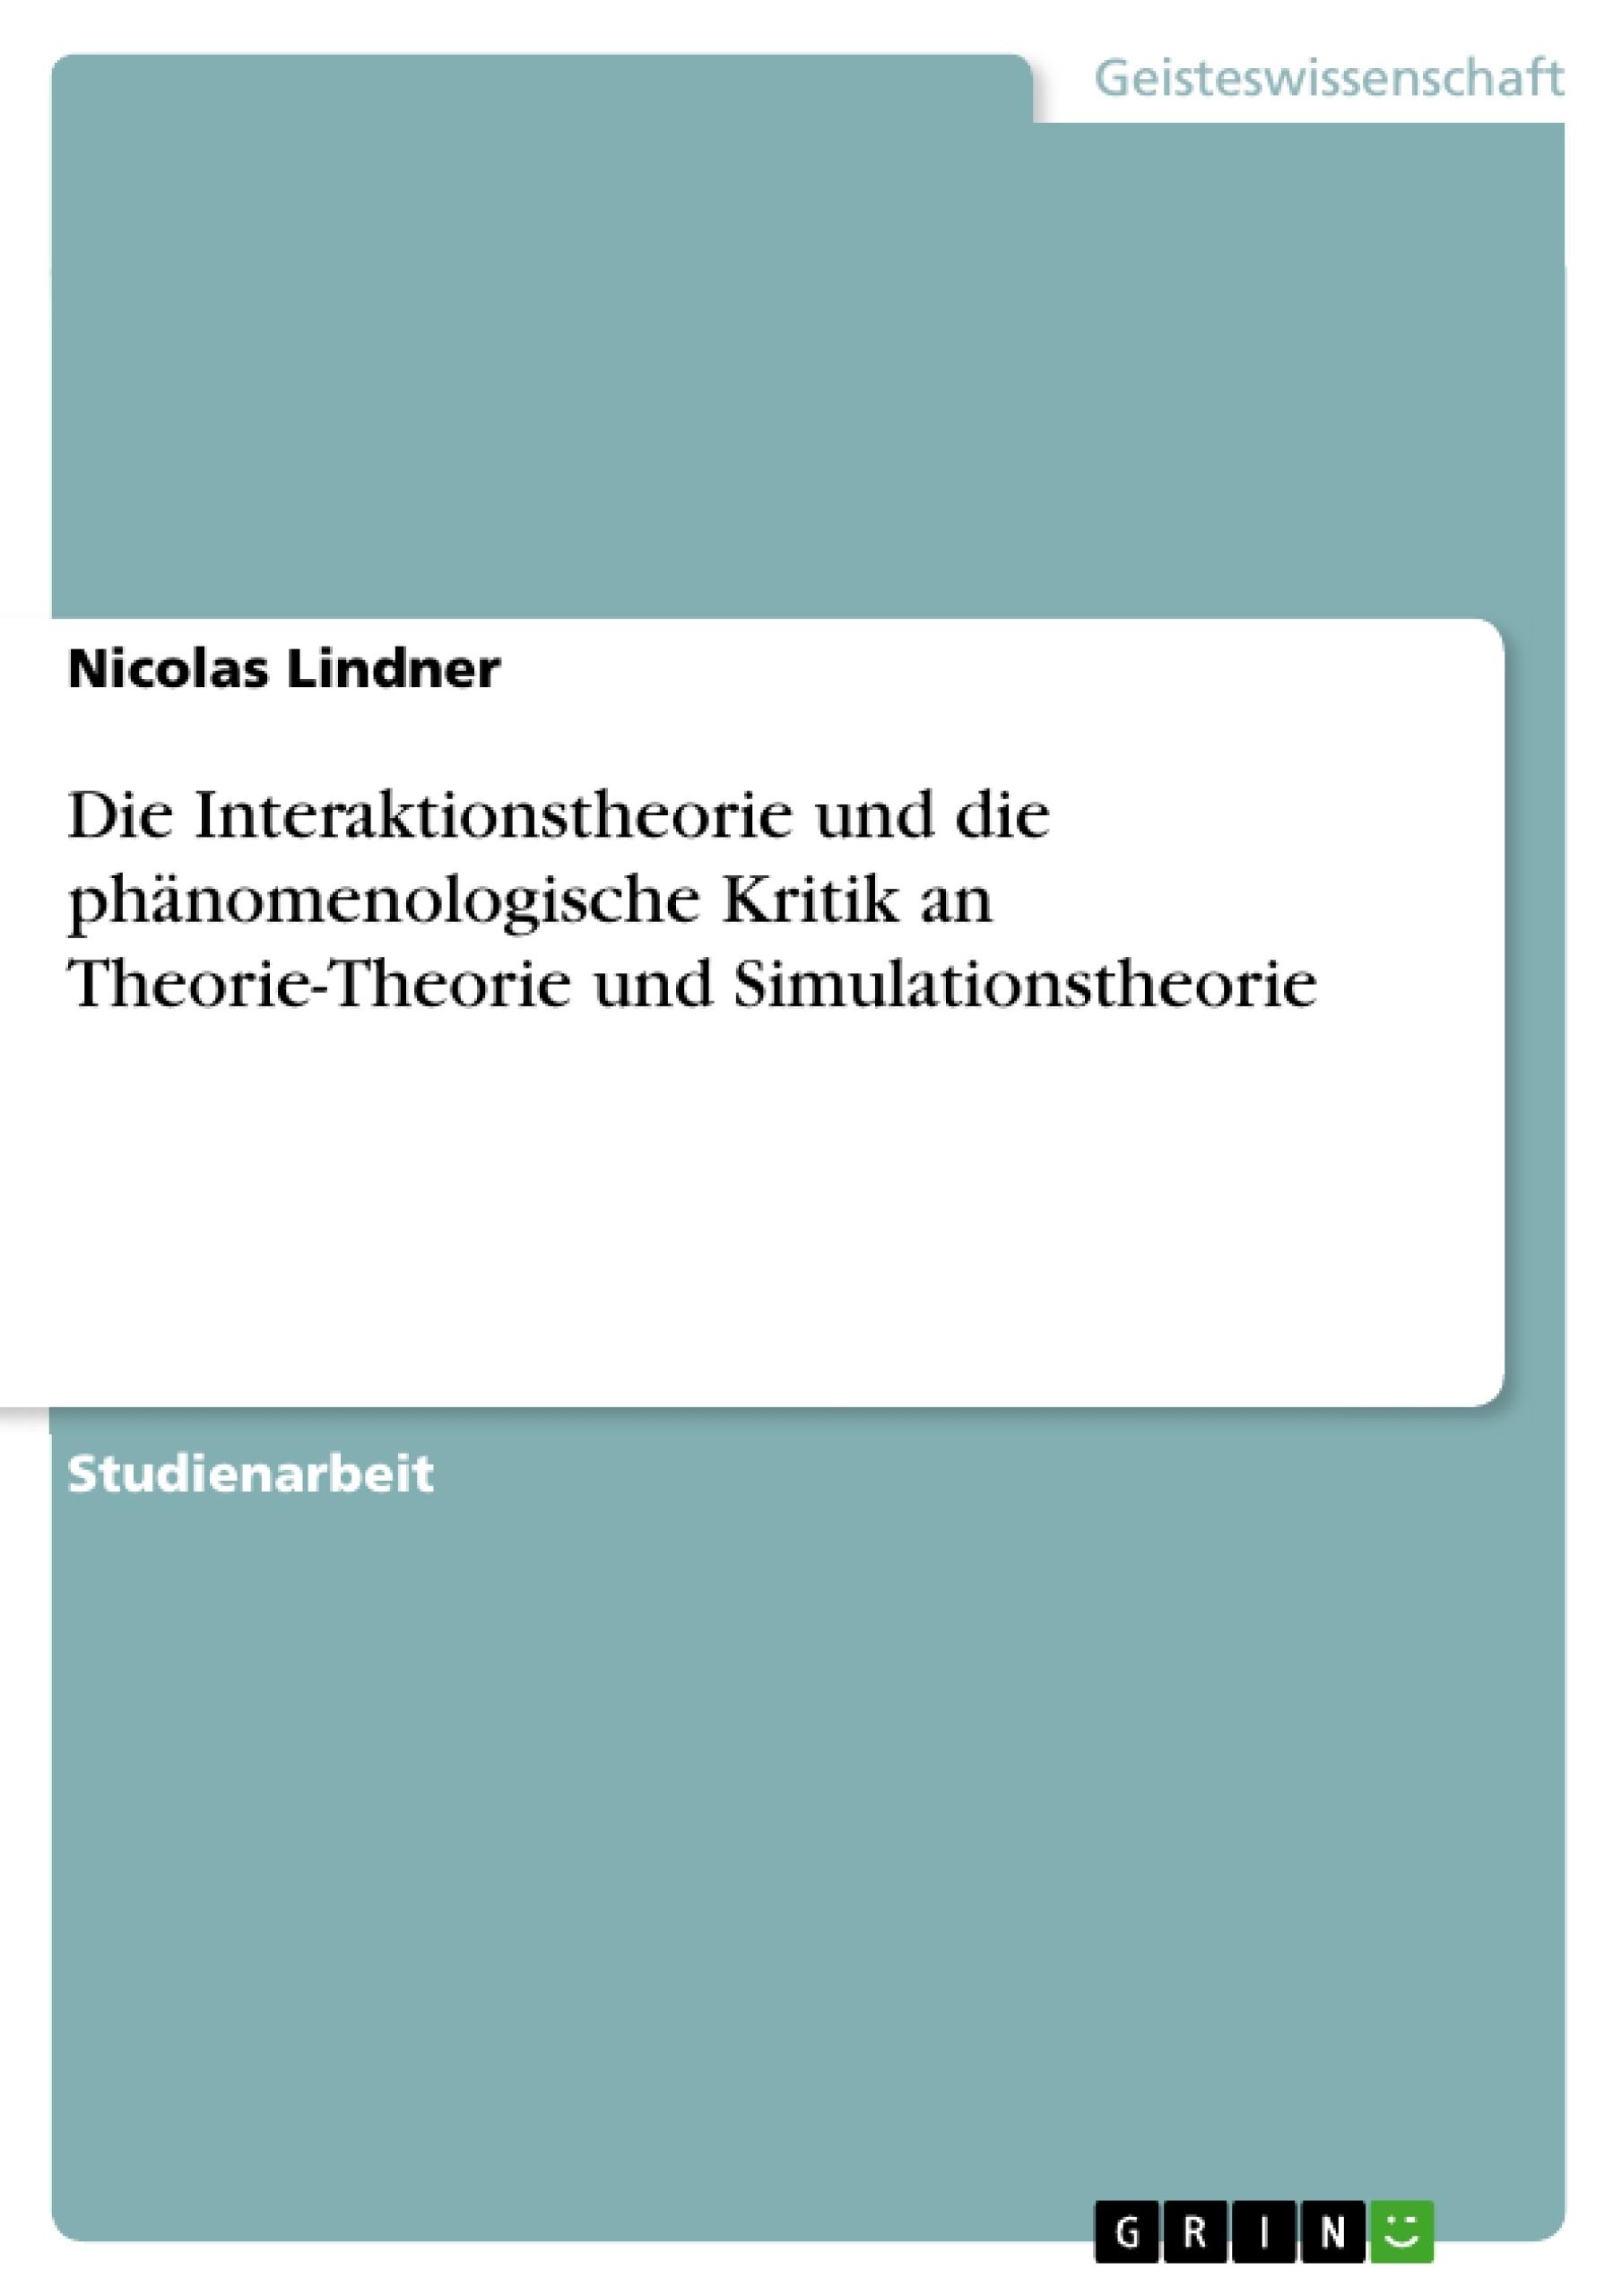 Titel: Die Interaktionstheorie und die phänomenologische Kritik an Theorie-Theorie und Simulationstheorie